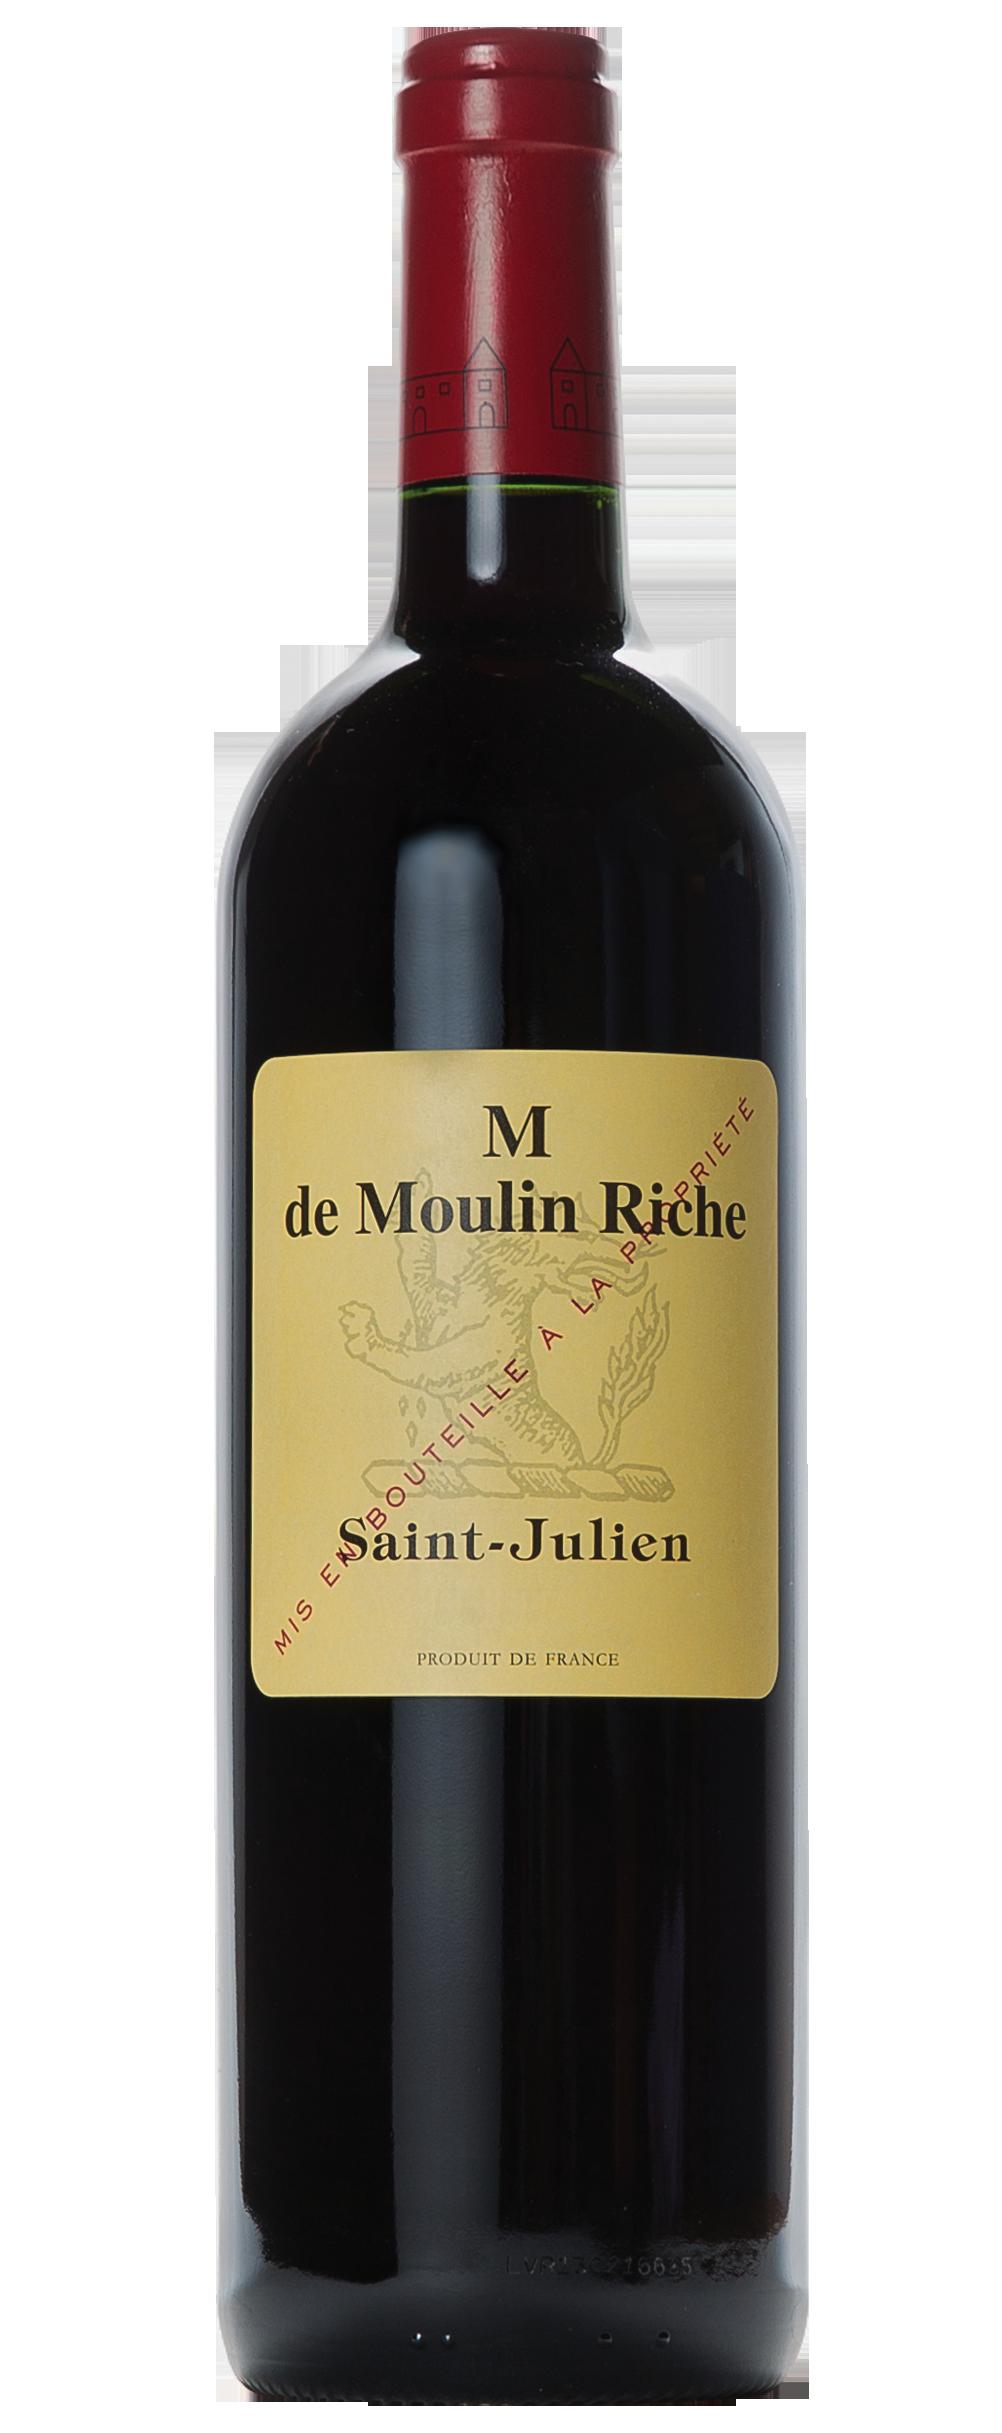 Château Moulin Riche, M de Moulin Riche Saint-Julien 2013